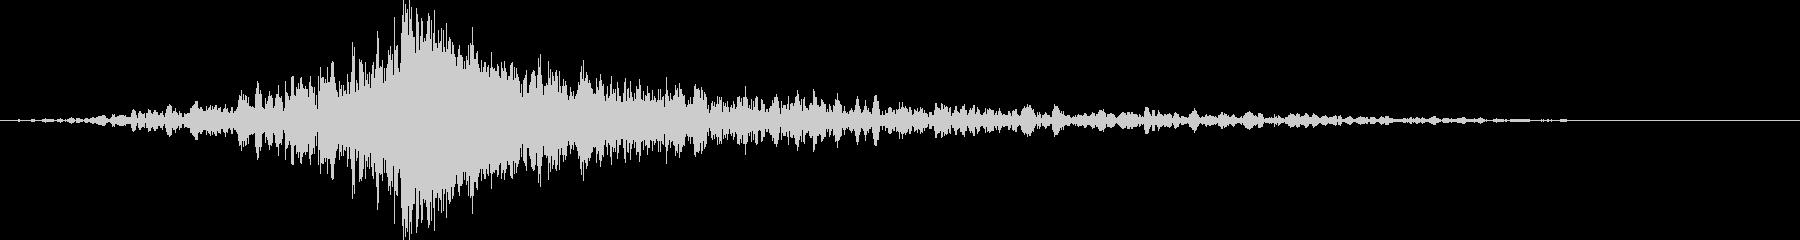 シューバン:上昇して爆発する音の未再生の波形